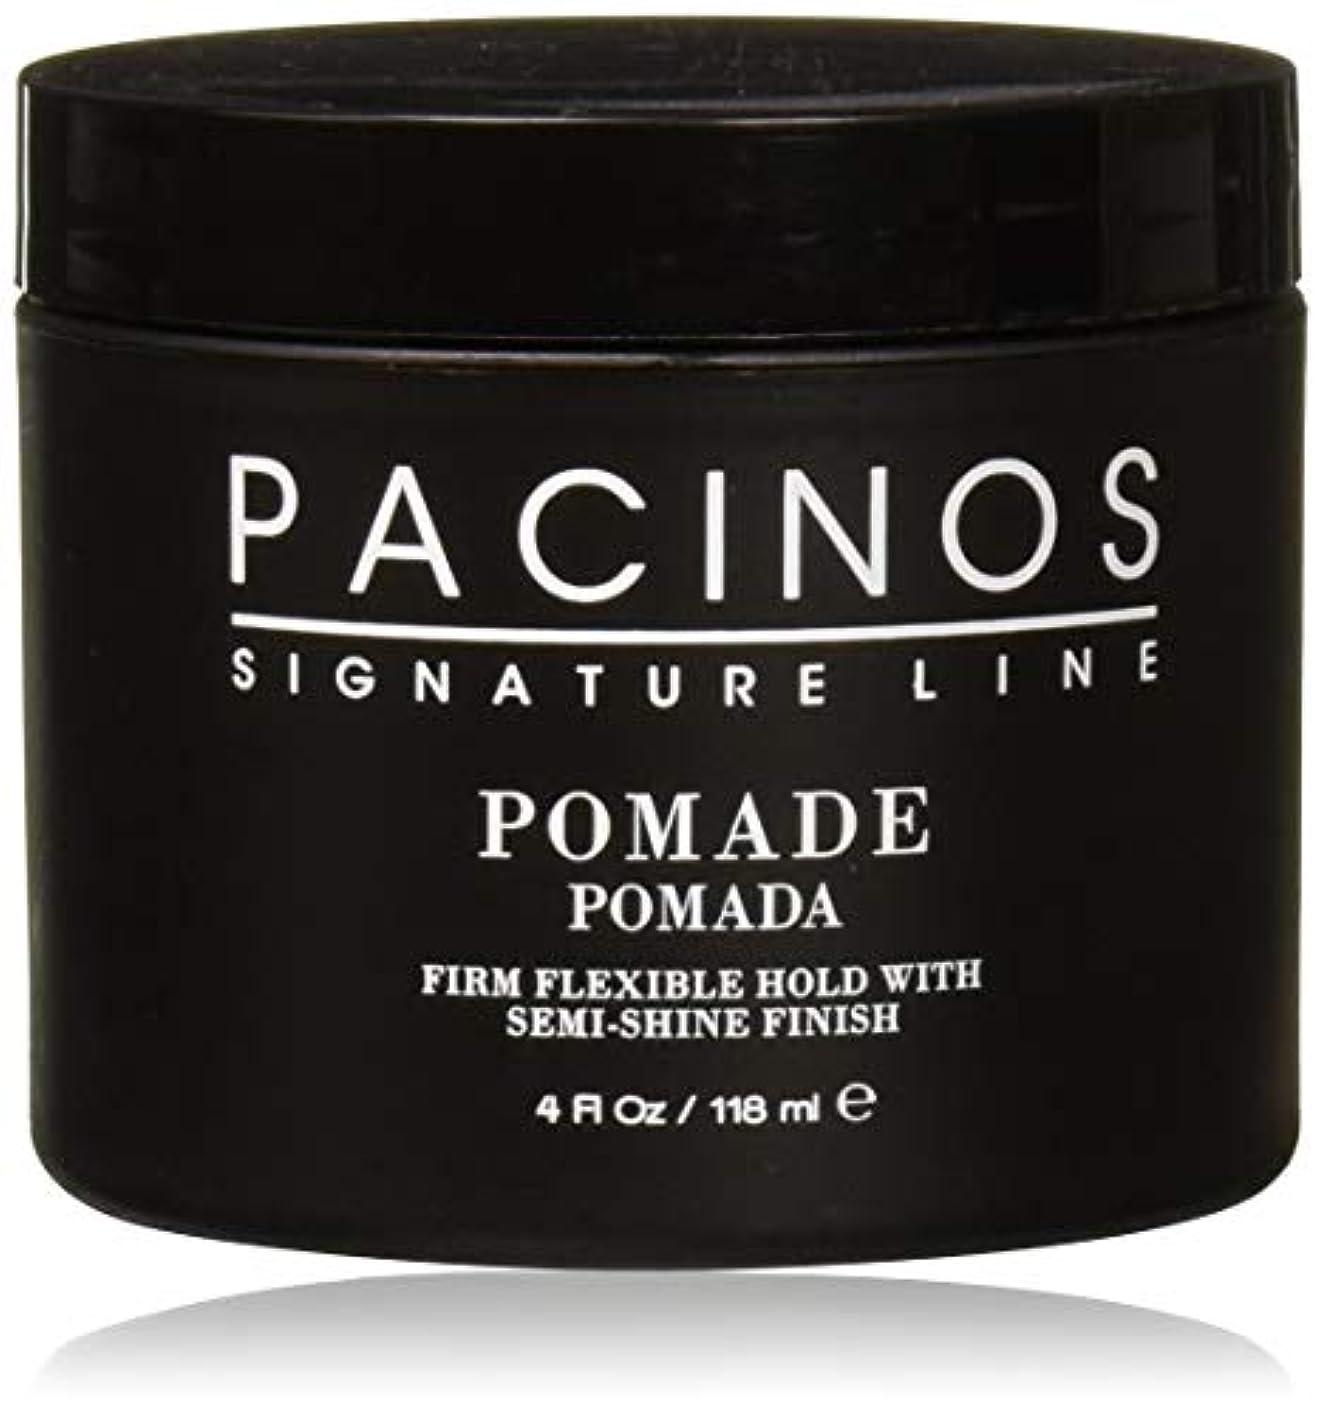 シンプルさ平行遵守するPacinos Pomade パチーノス?ポマード【日本正規品】4oz(118g)